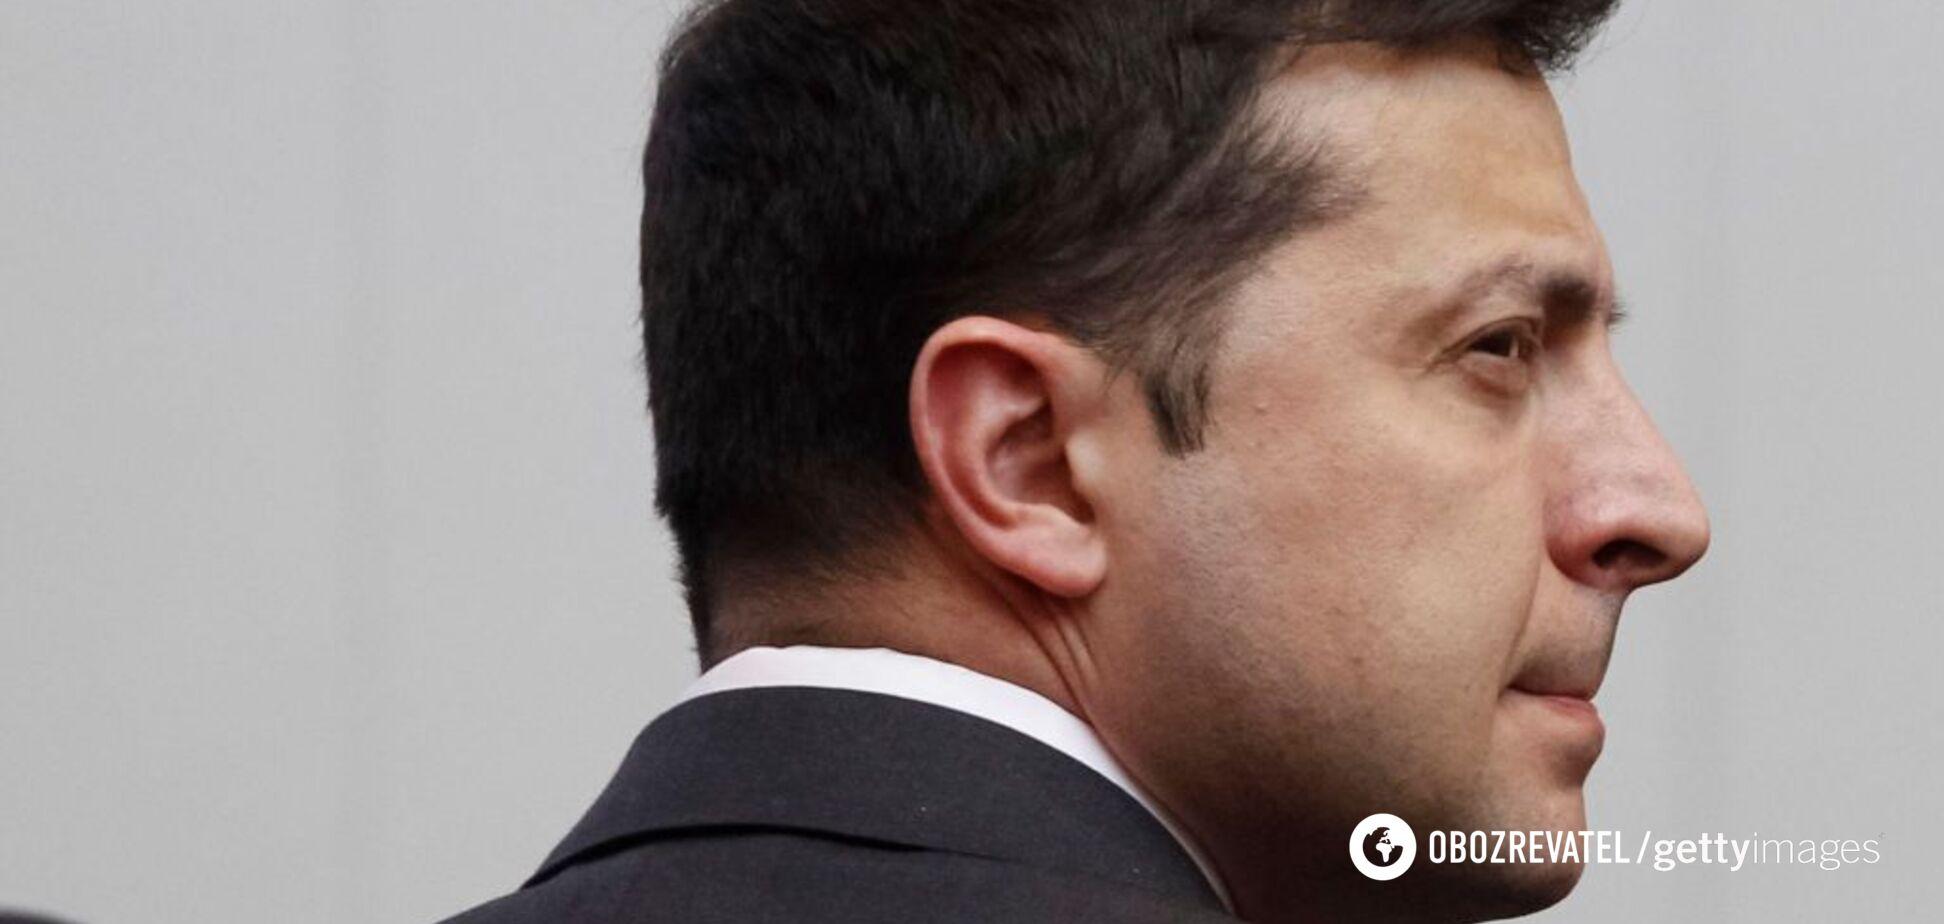 Зеленский задумал выдать гражданство Украины беглым россиянам: о чем речь